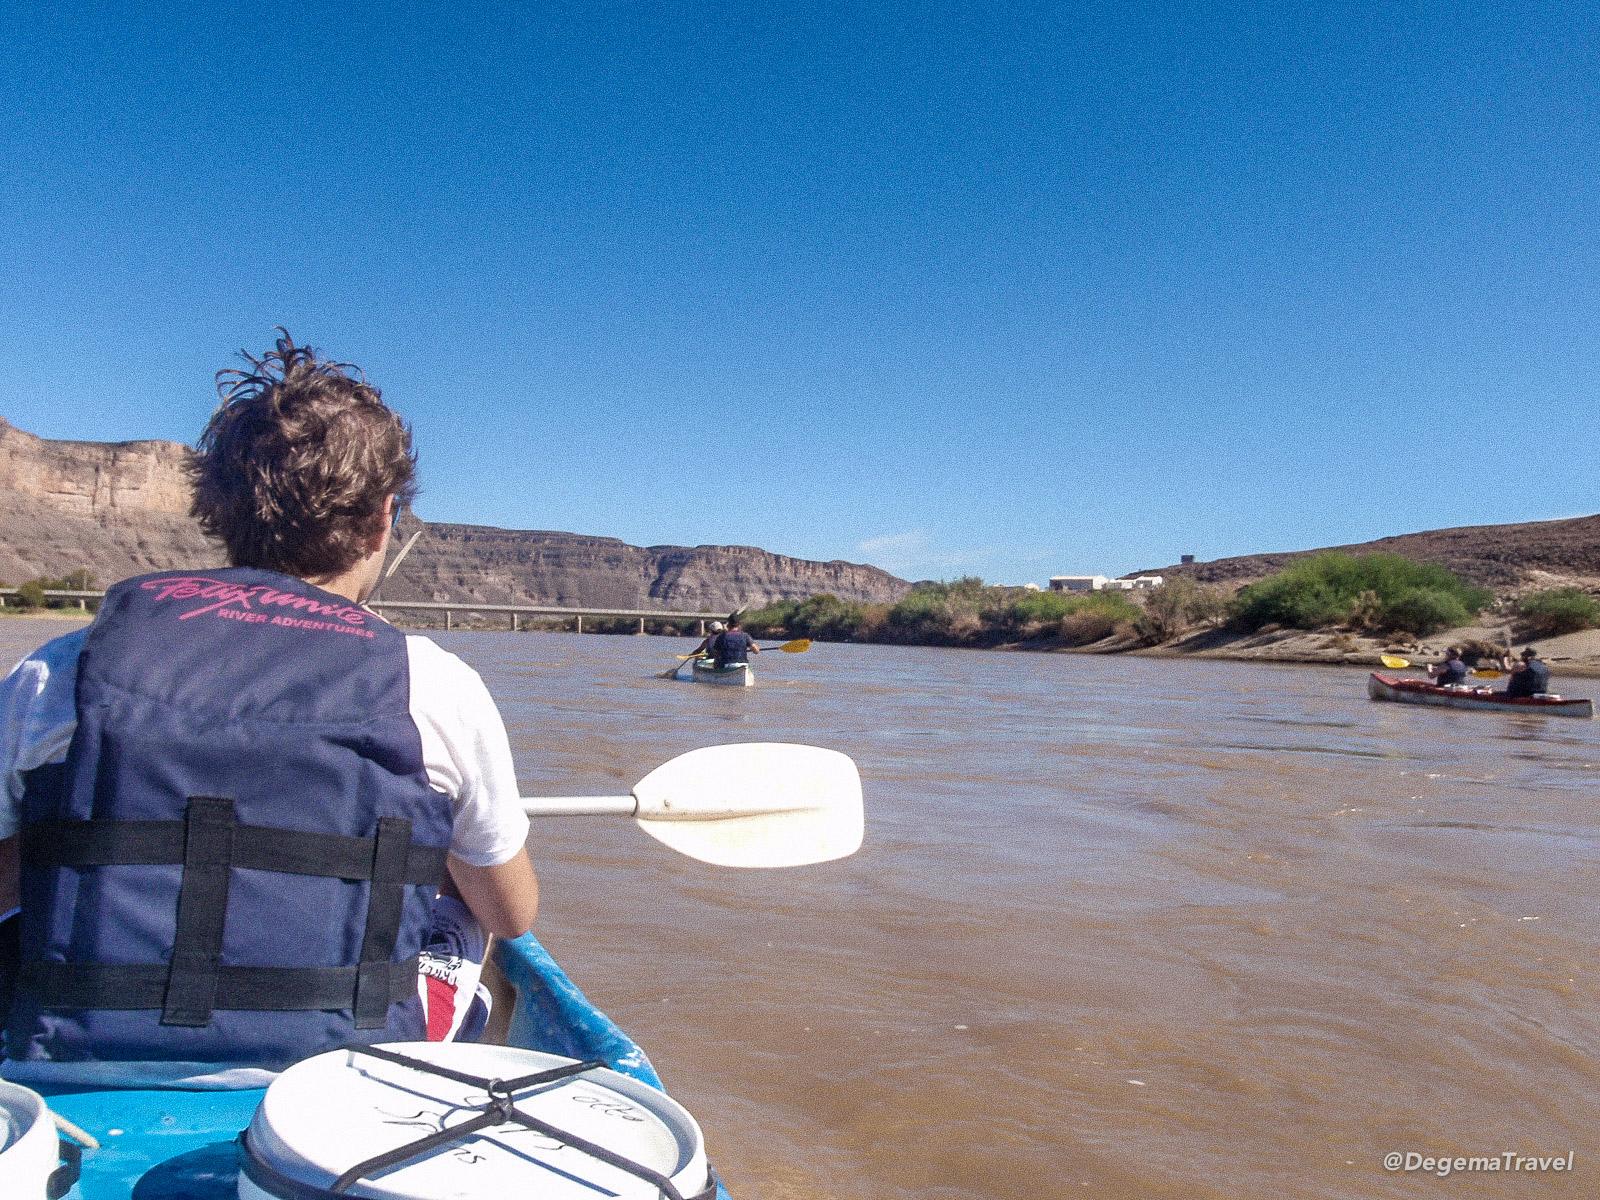 Kayaking down the Orange River, Namibia